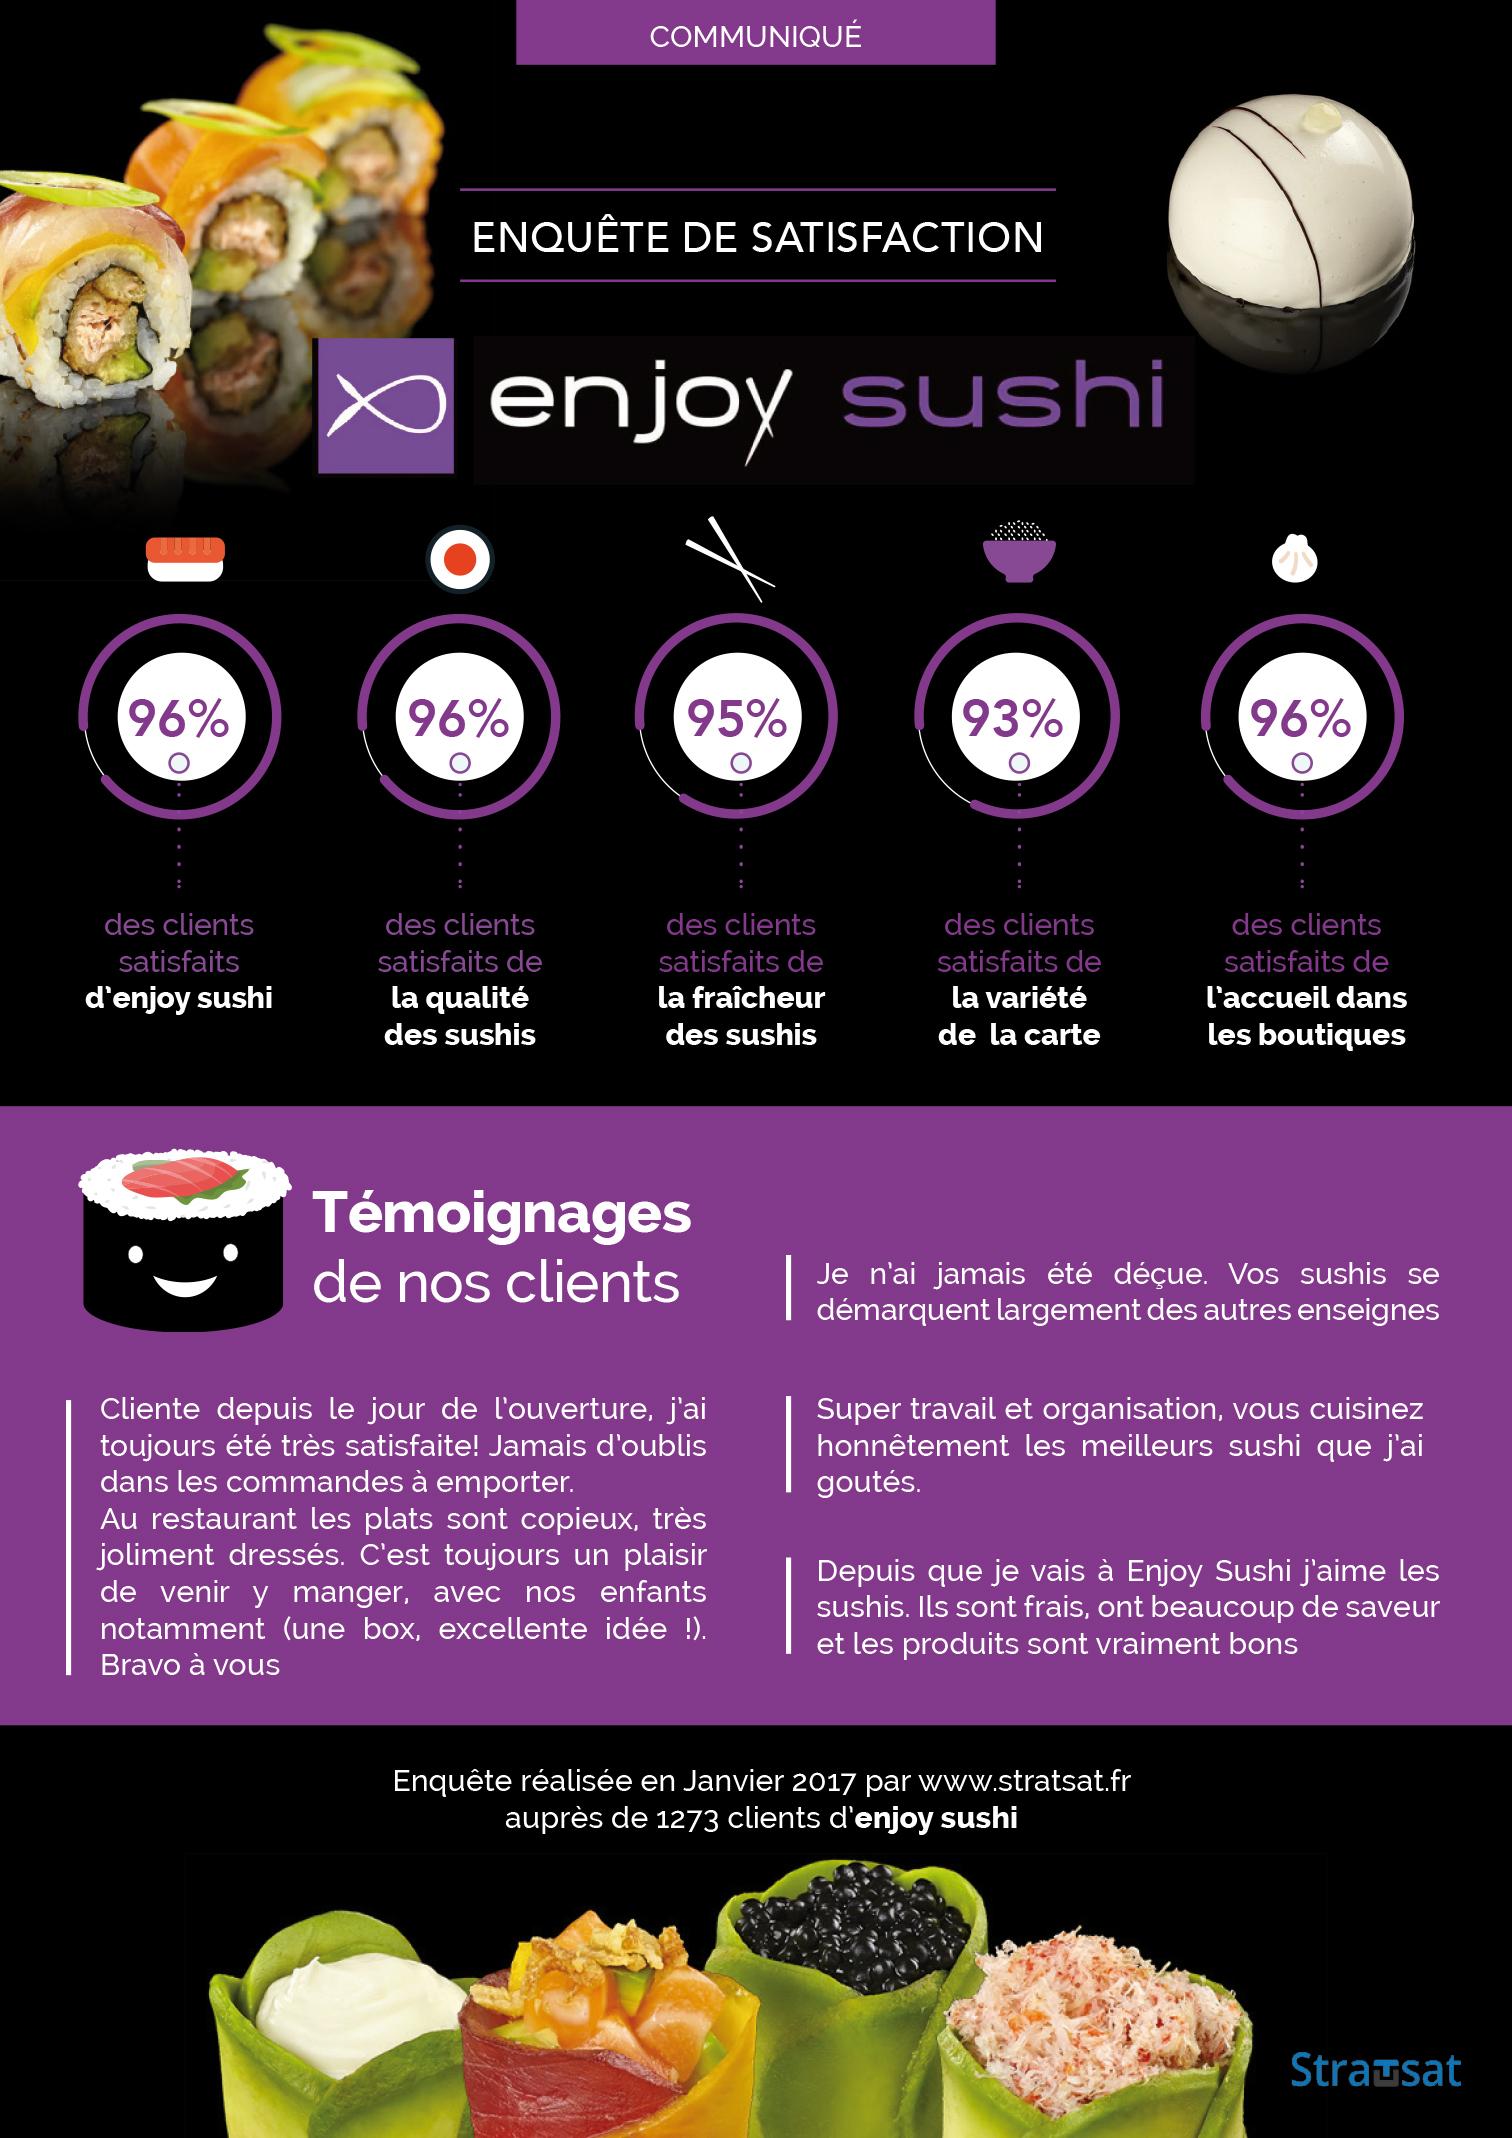 Enjoy Sushi - Enquête de Satisfaction Client